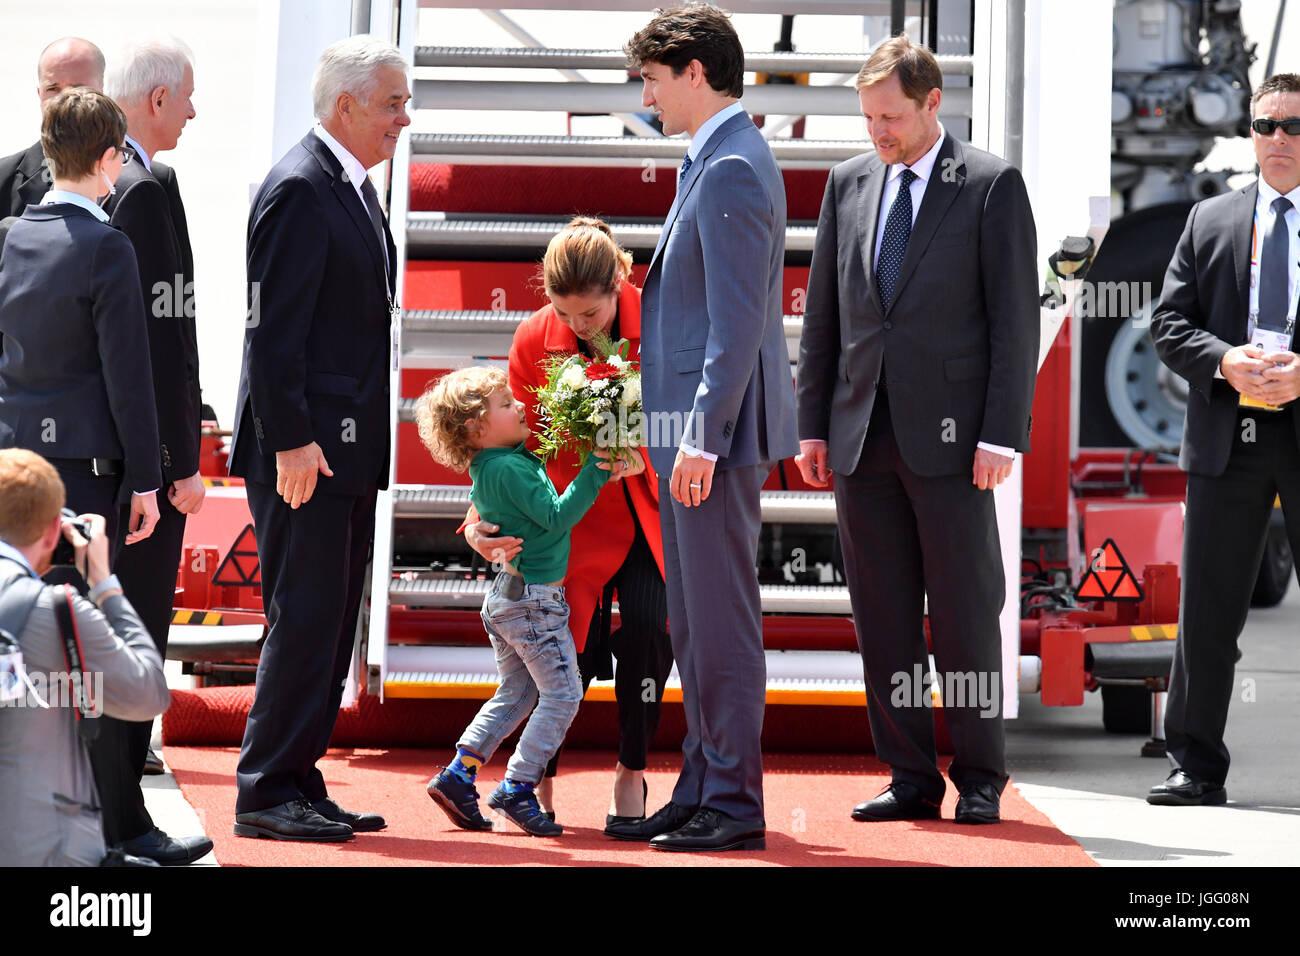 Der kanadische Premierminister Justin Trudeau (M, r), seine Ehefrau Sophie Gregoire (M) und ihr jüngster Sohn - Stock Image